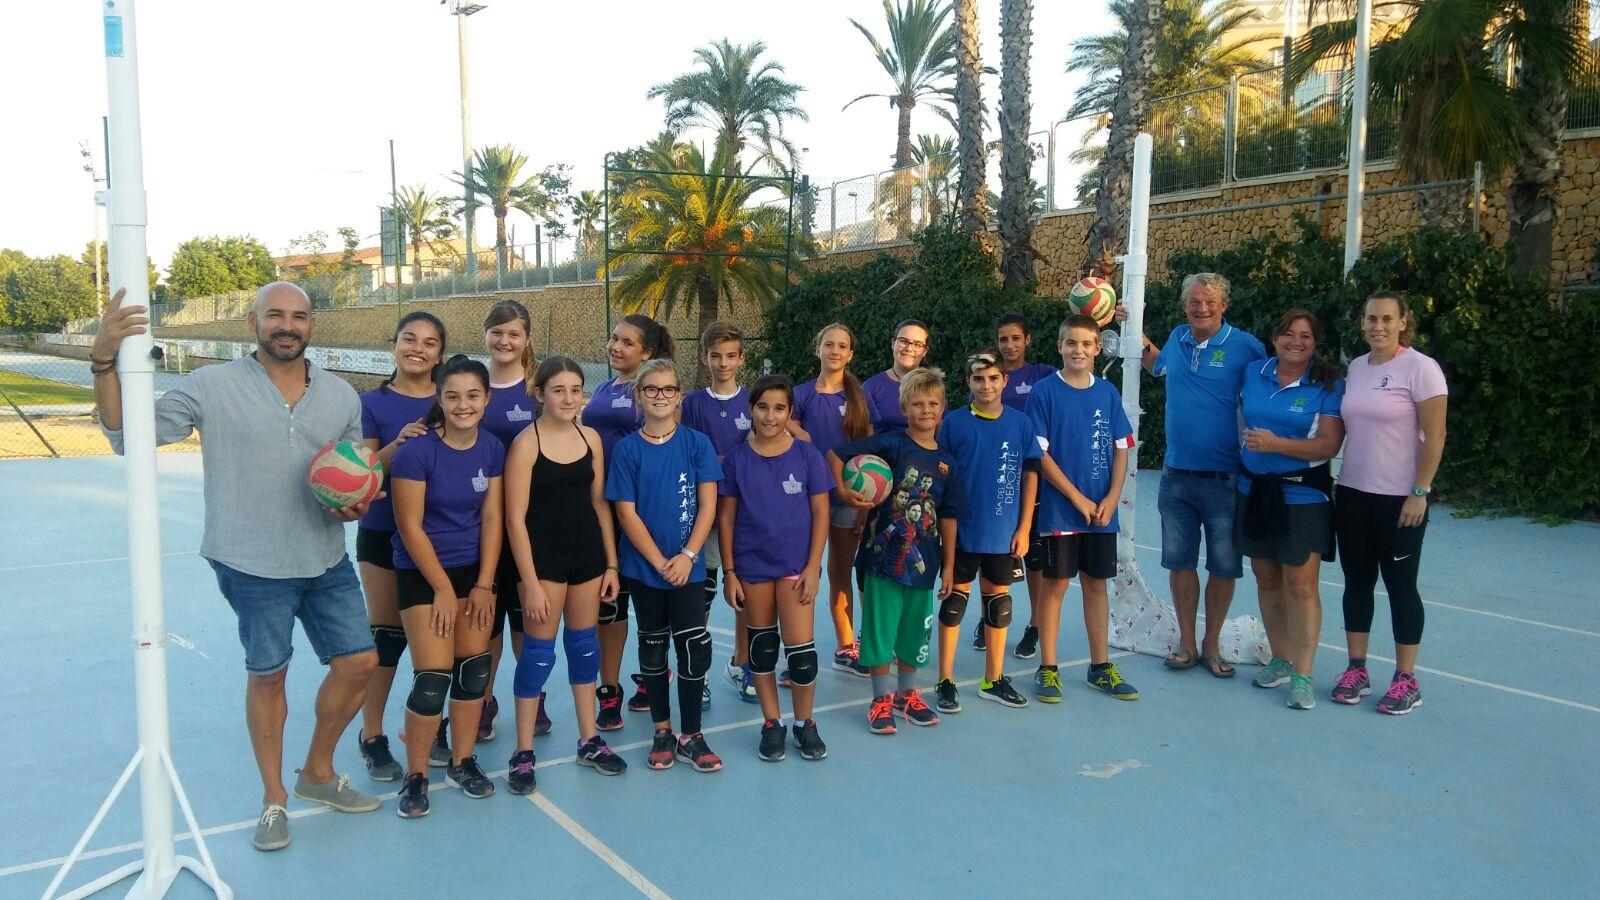 MYA NO. Colabora con el club de voleibol de l'Alfàs del Pi .